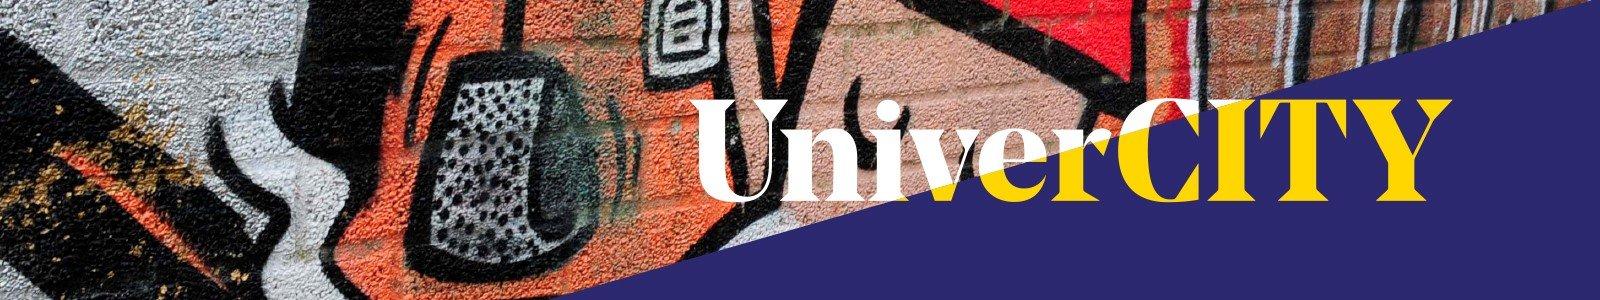 UniverCITY | Foto: Victor M. Lansink / Collectie: Het Utrechts Archief